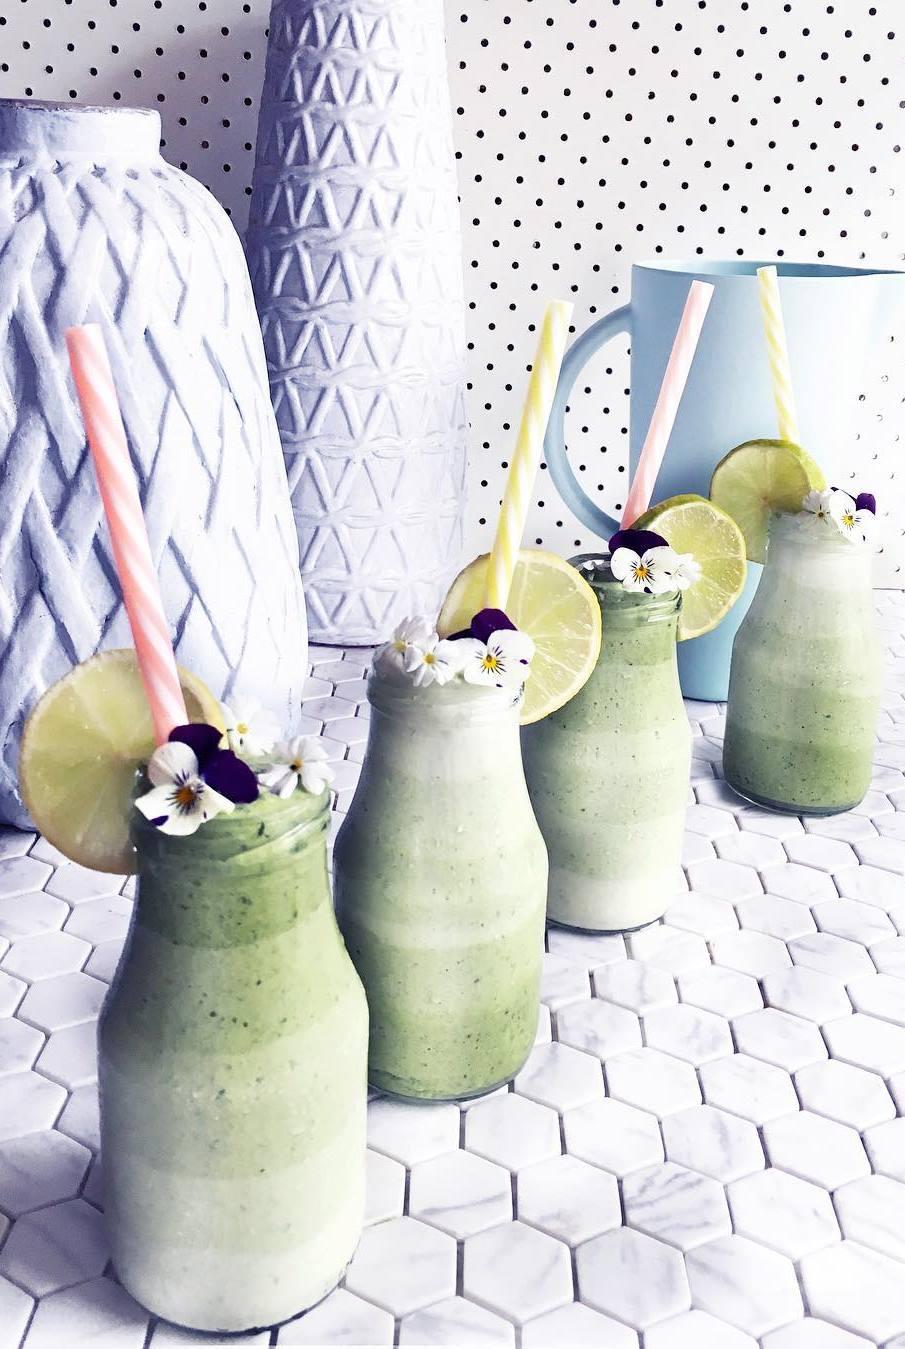 healthy green smoothie recipe idea